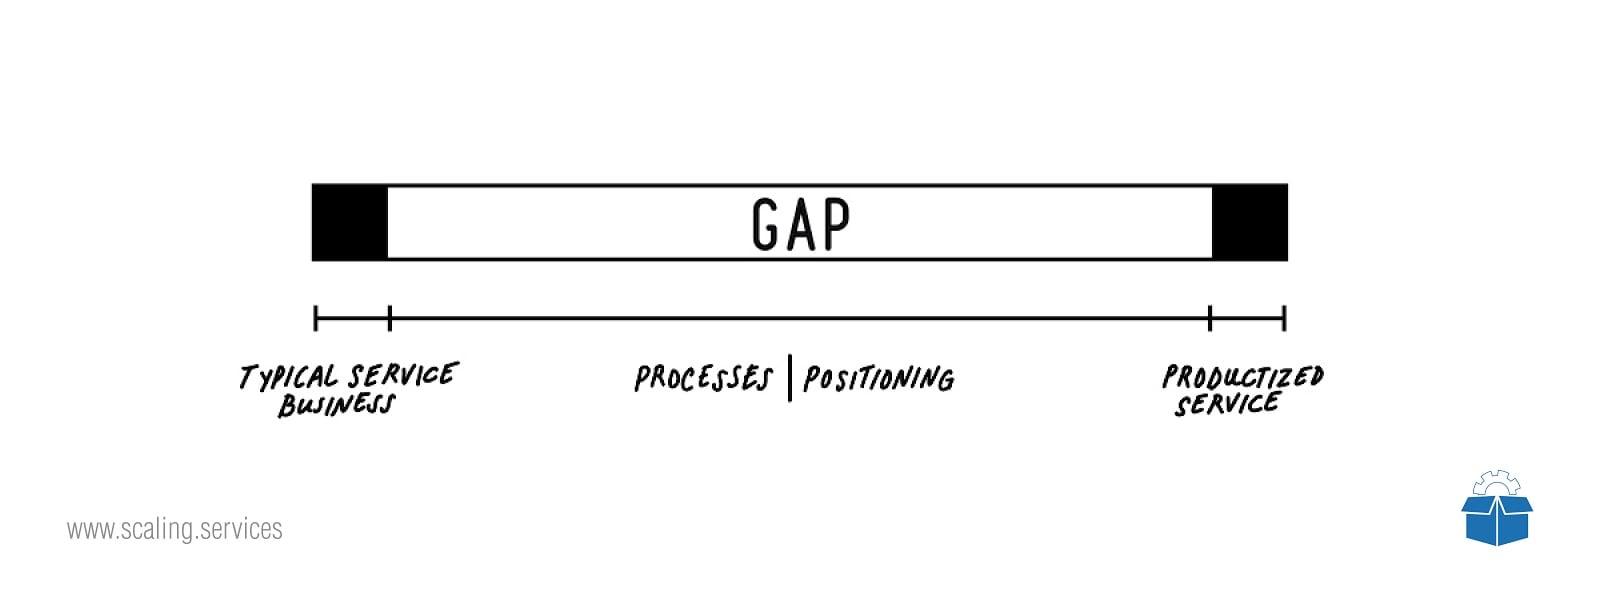 Productize3